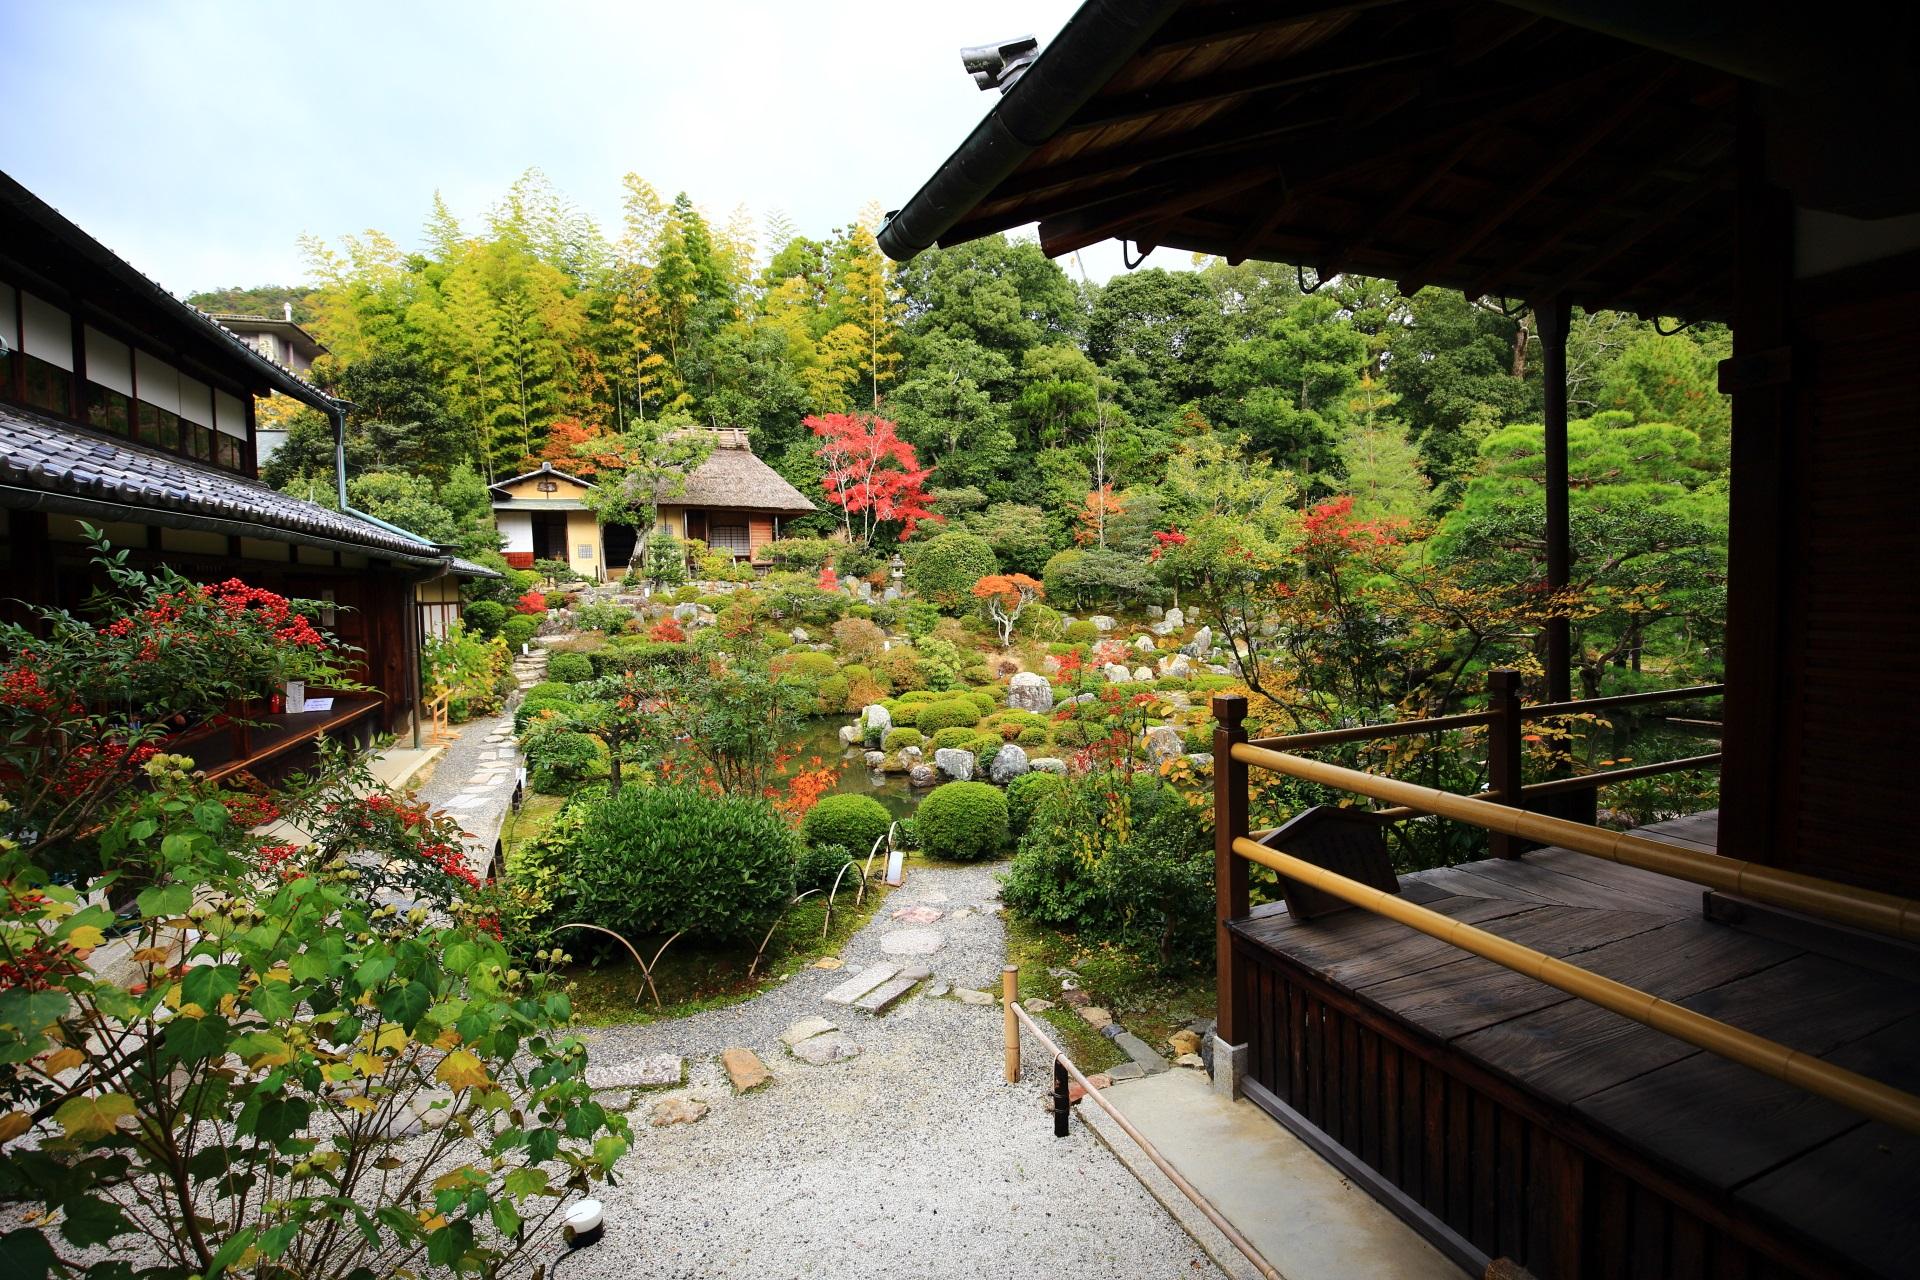 等持院の西庭と秋の芙蓉池